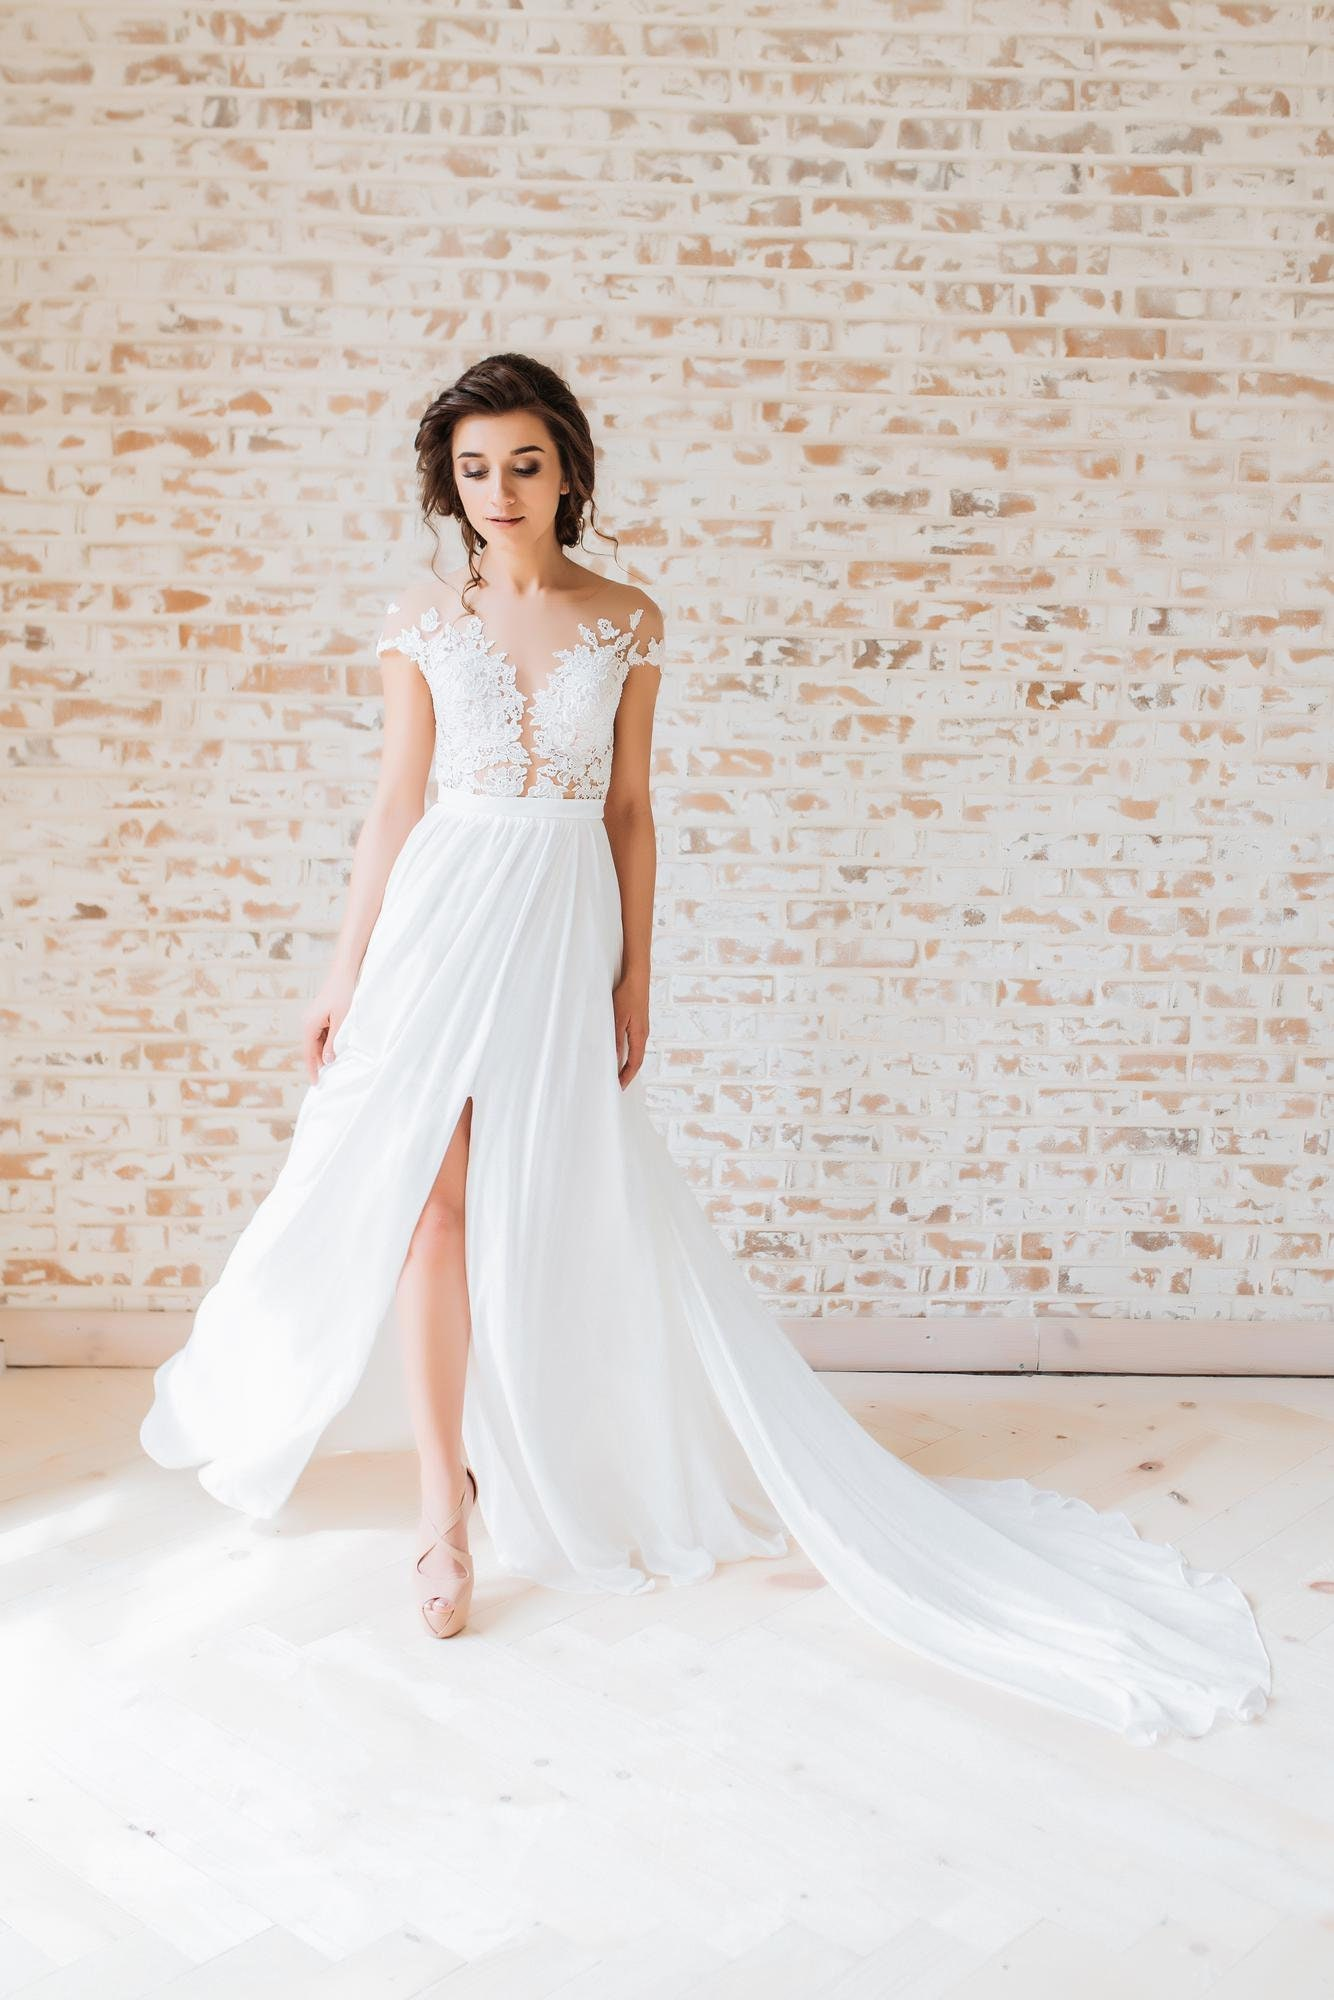 Wunderbar Sexy Brautkleider Zum Verkauf Fotos - Brautkleider Ideen ...